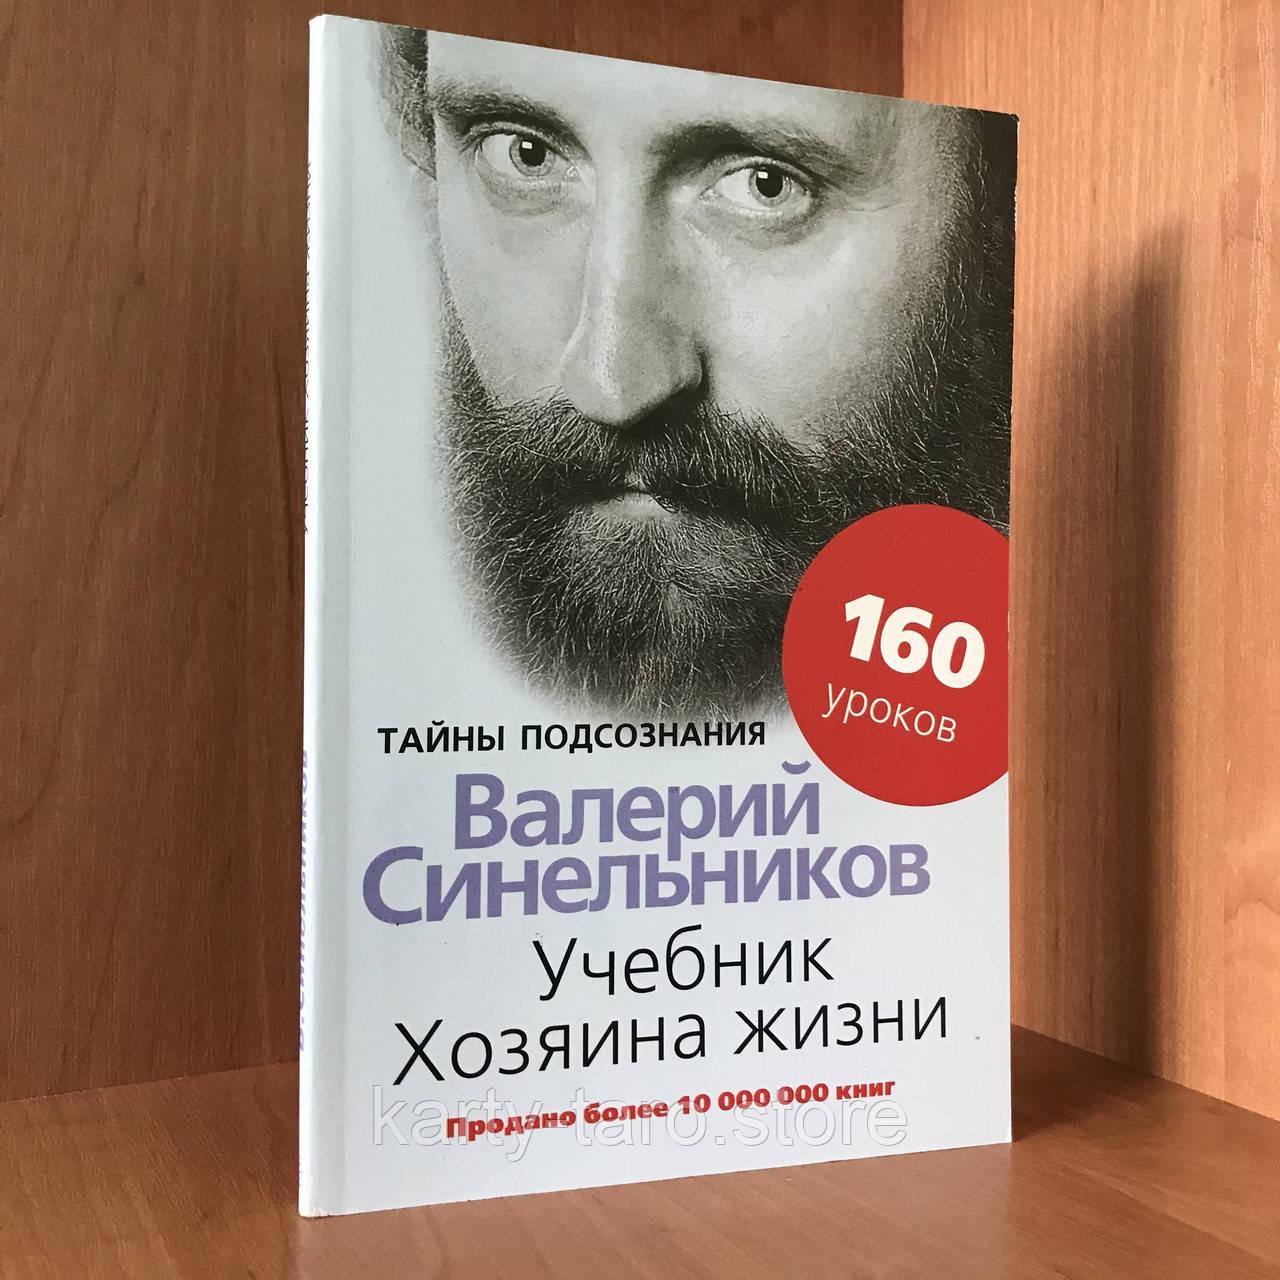 Книга Учебник Хозяина жизни - Валерий Синельников